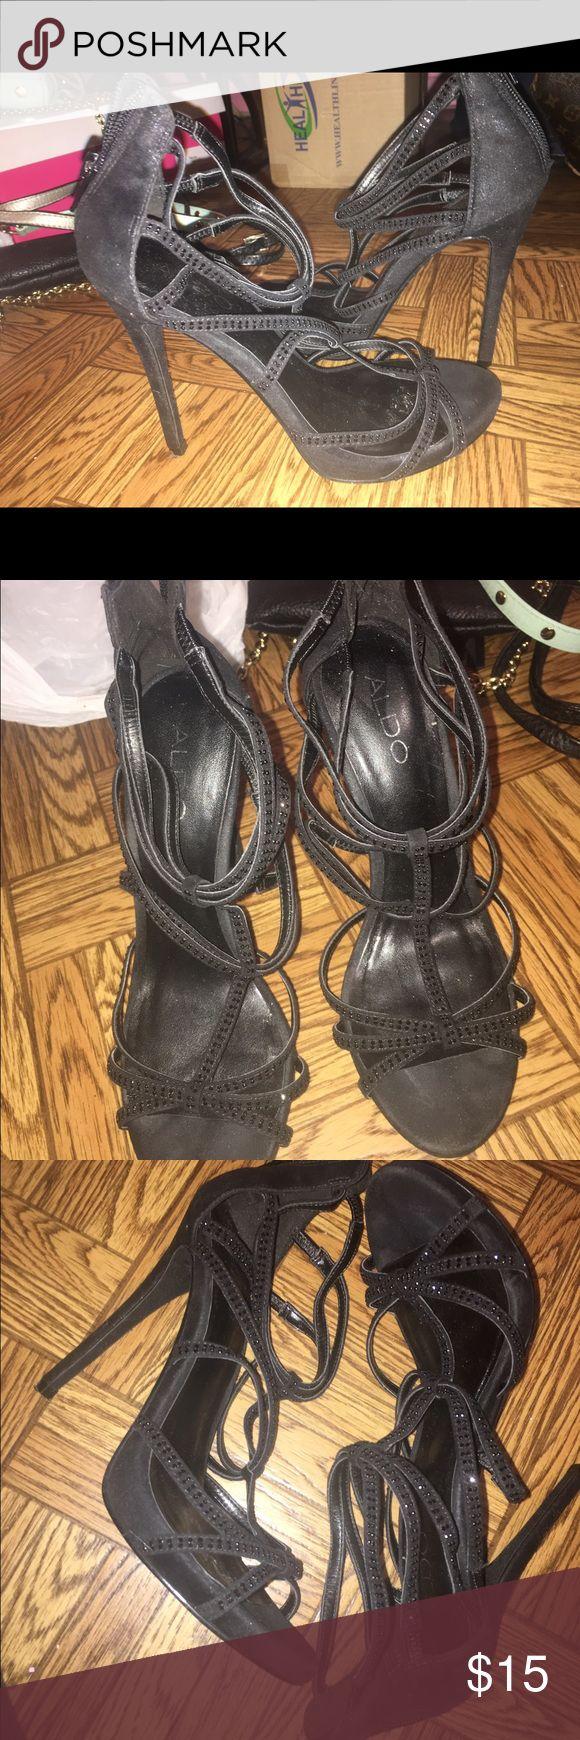 Black Aldo Heels Size 7 Black Aldo Heels Size 7 Aldo Shoes Heels